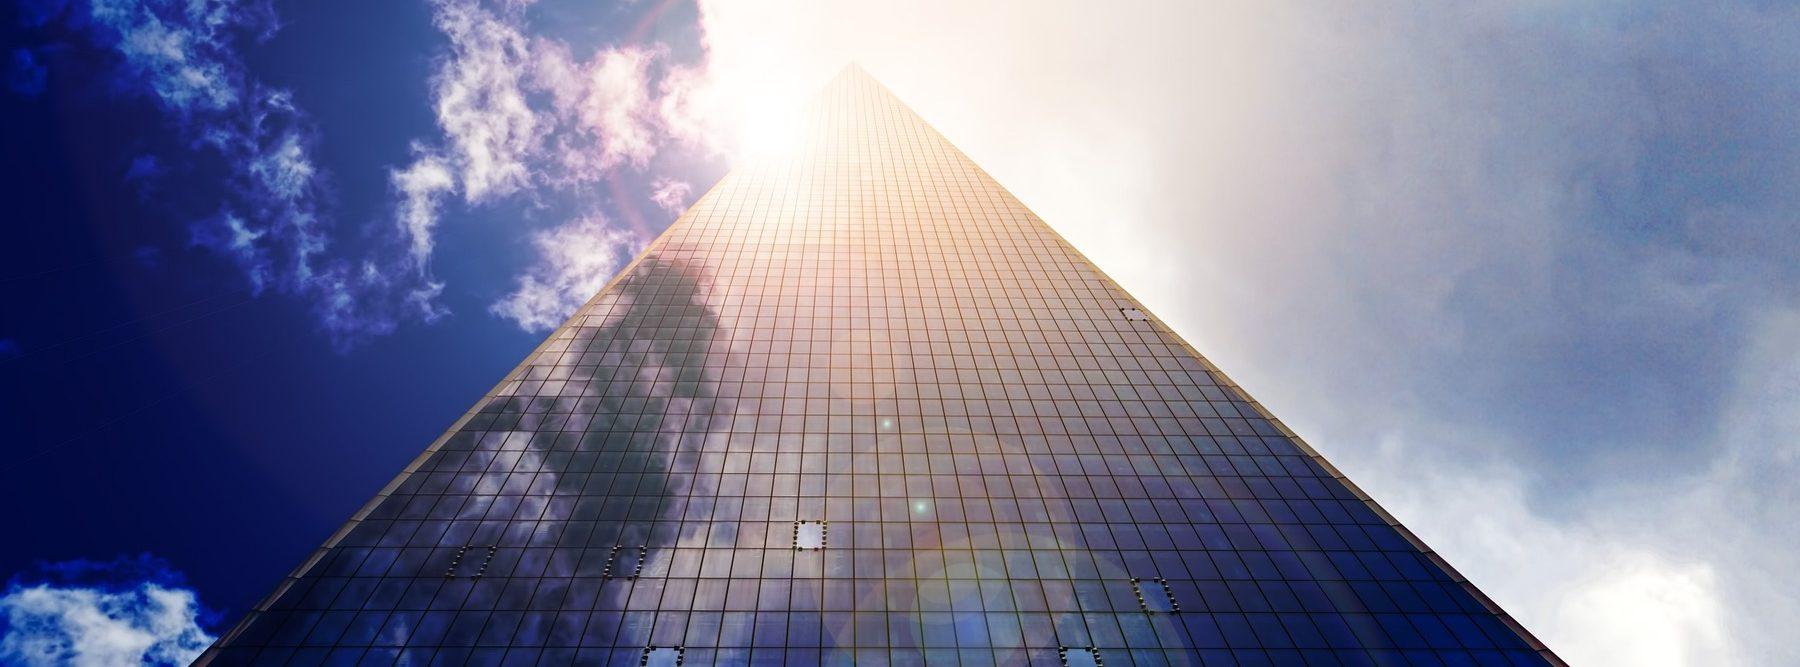 La tecnología solar es la solución para el enfriamiento sostenible de los edificios